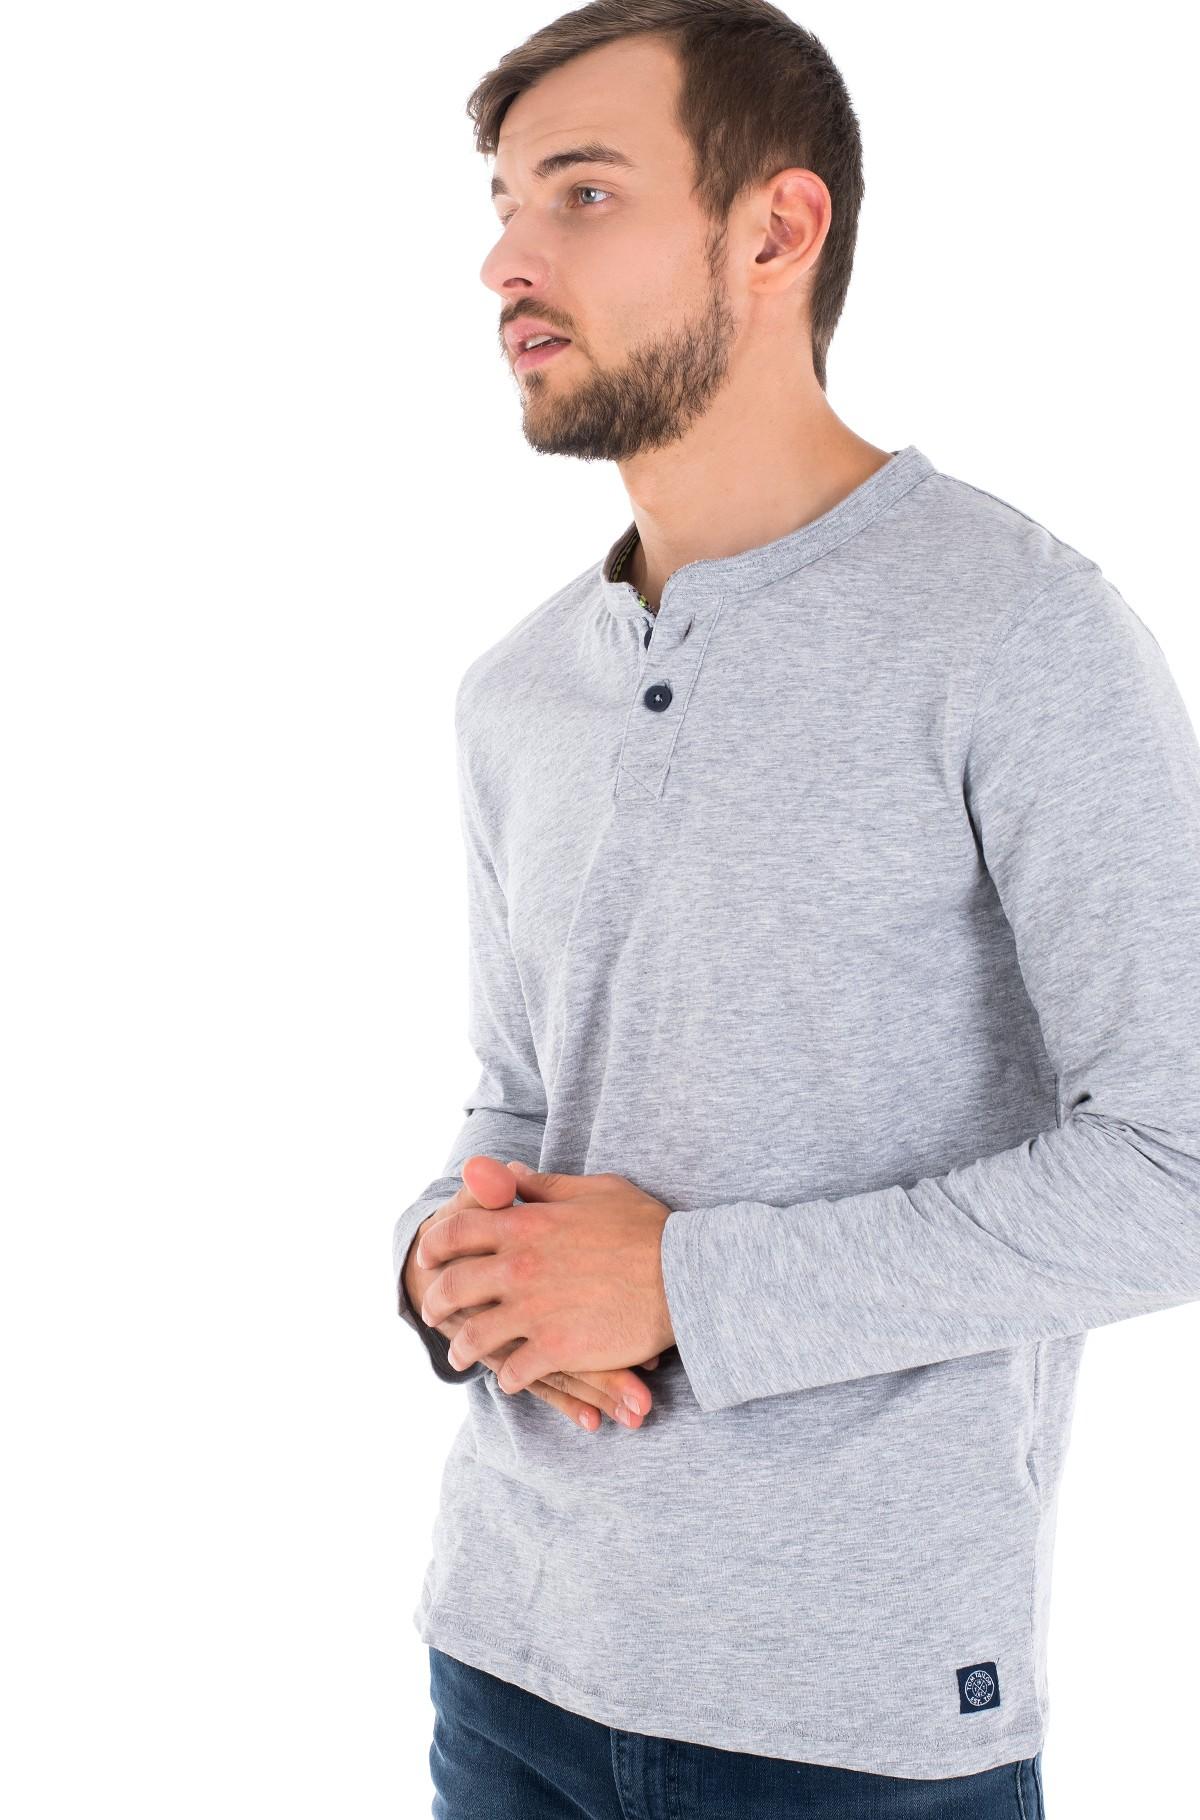 Long sleeved t-shirt 1016905-full-1